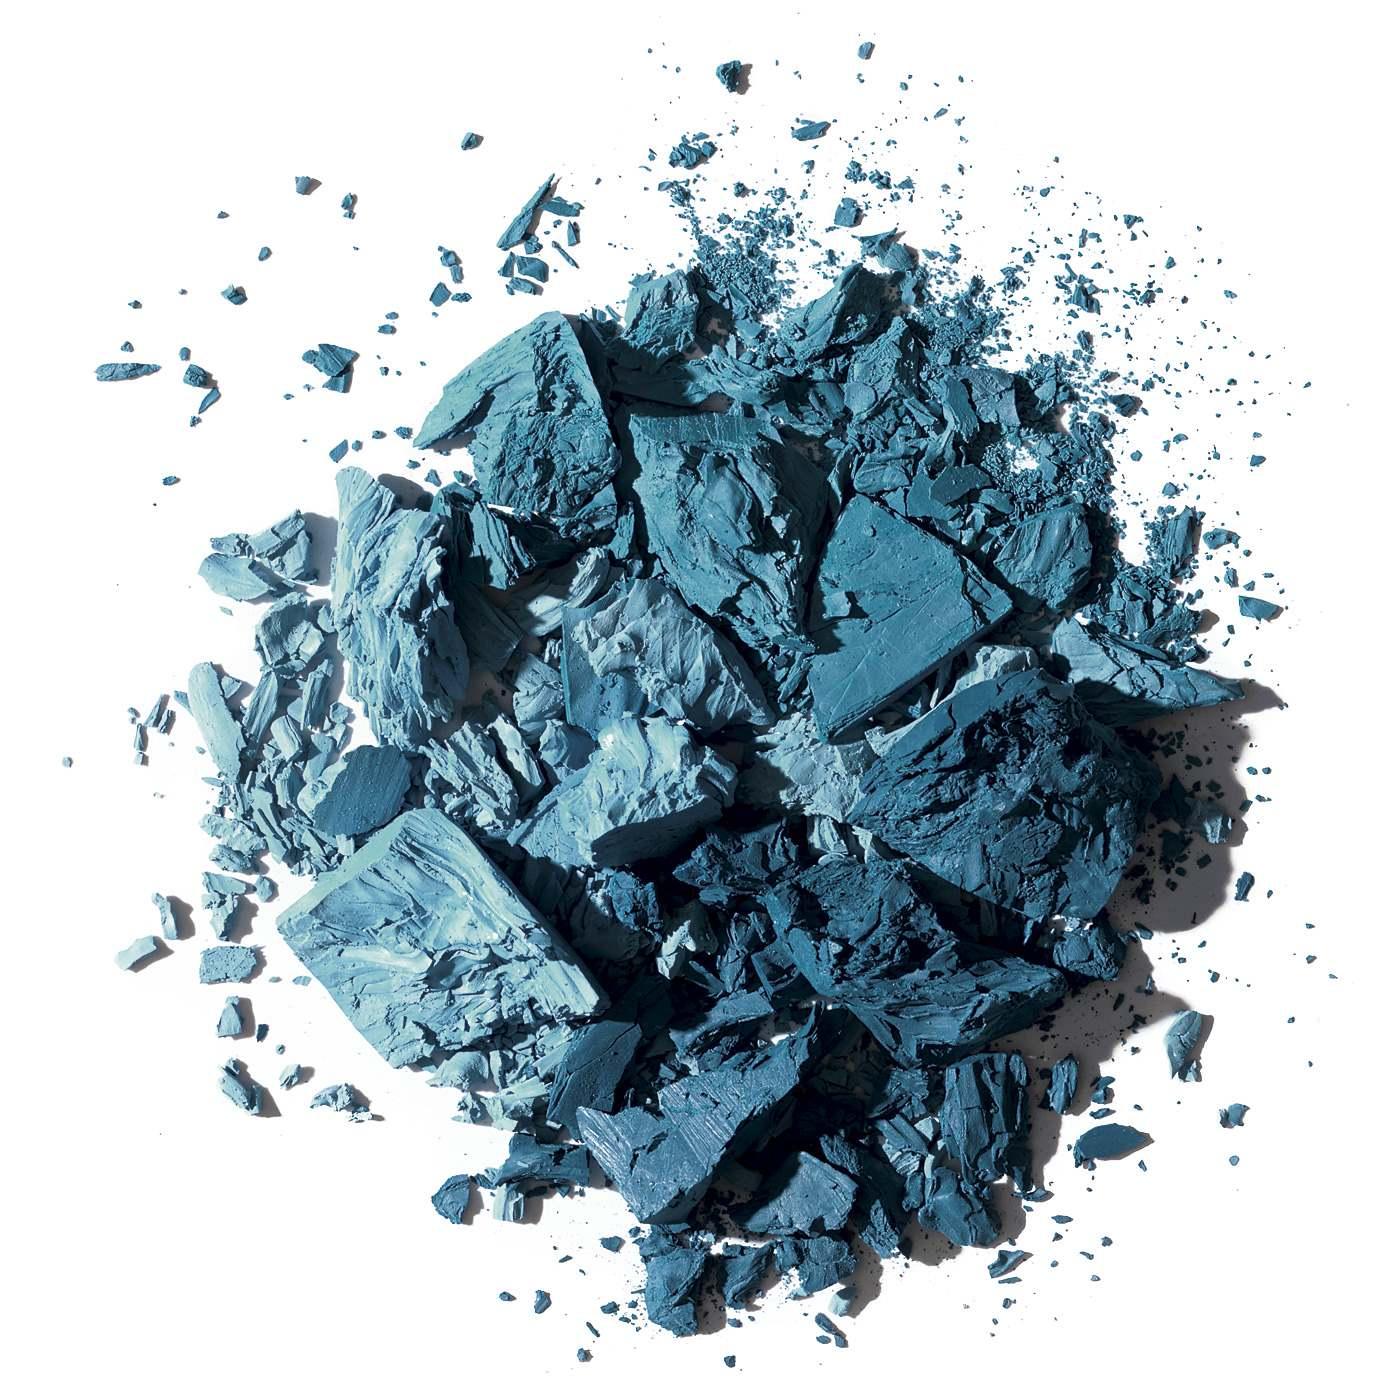 しんは、国内では製造者がほぼいなくなってしまった中、技術を守り続けている色しん工場で製造しました。なめらかな描きやすさと発色のよさは世界に誇る高品質です。